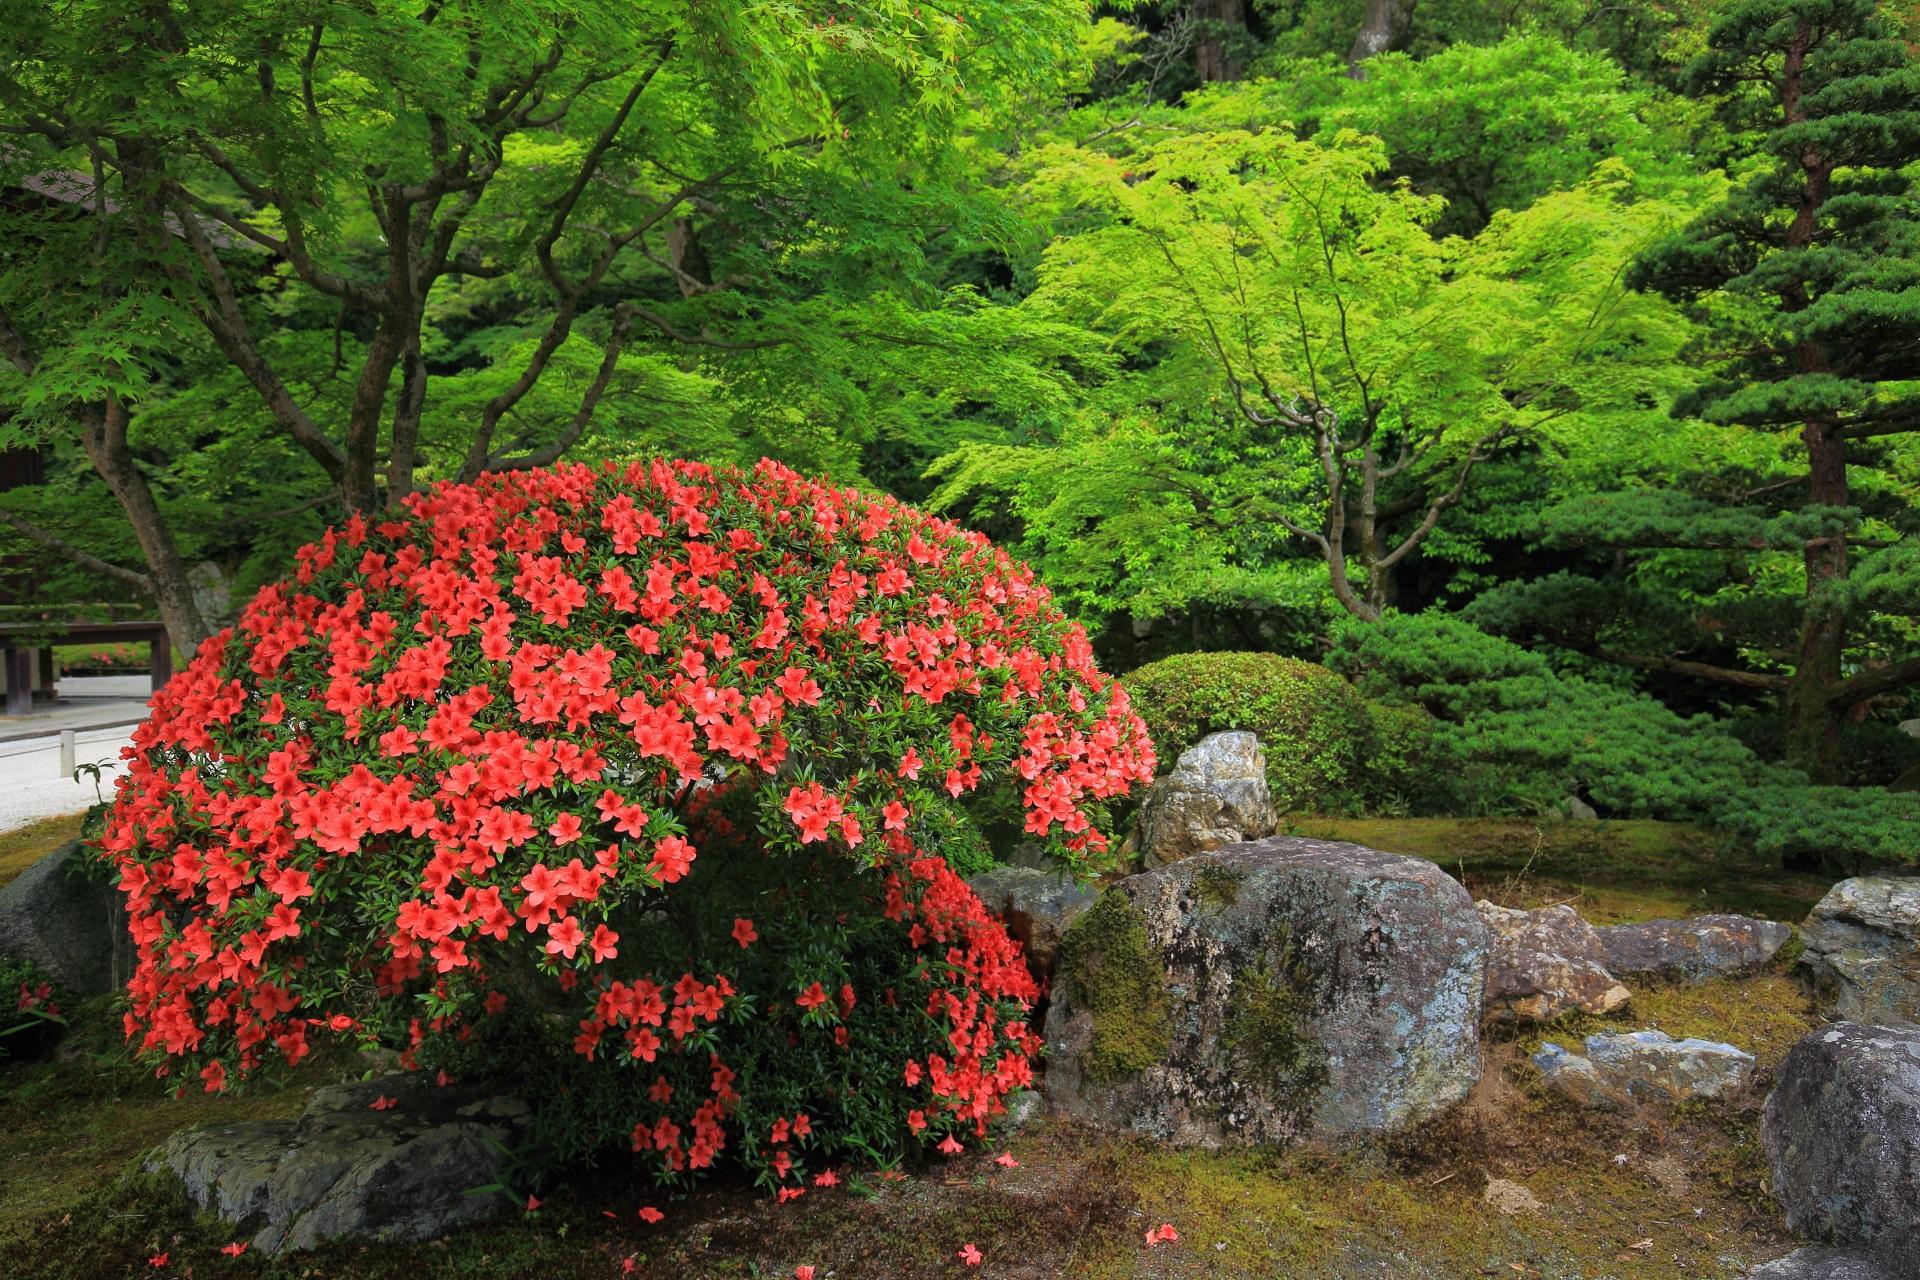 知恩院方丈庭園の目を引くような鮮烈な朱色のサツキ